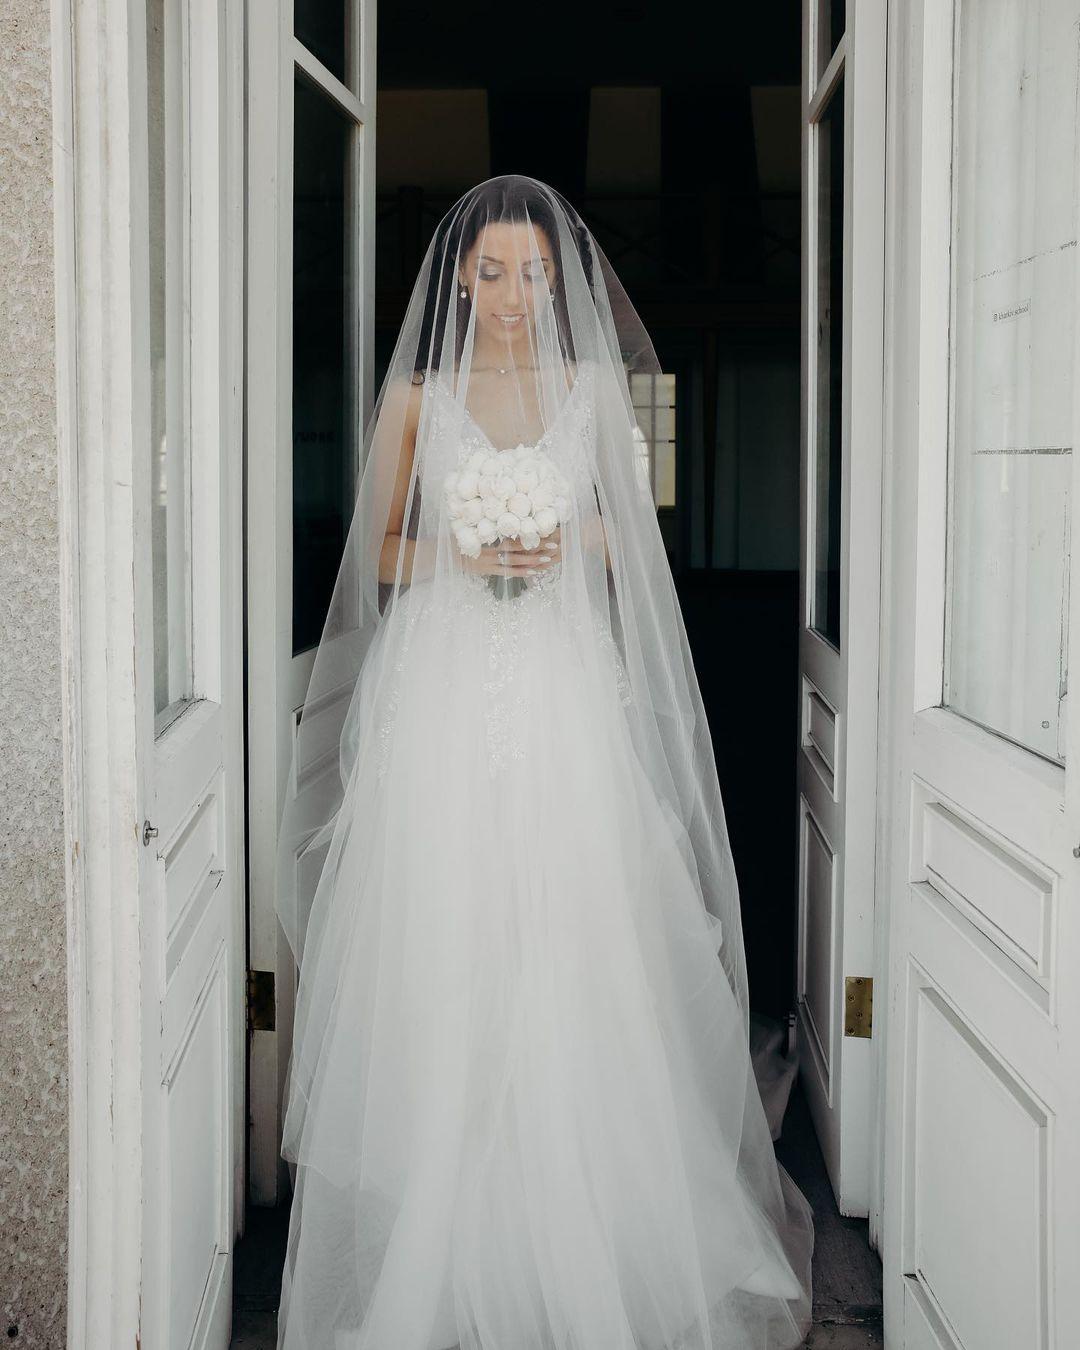 RealBeverlyBride#WeddingDress#Chelsy#MilenaCollection